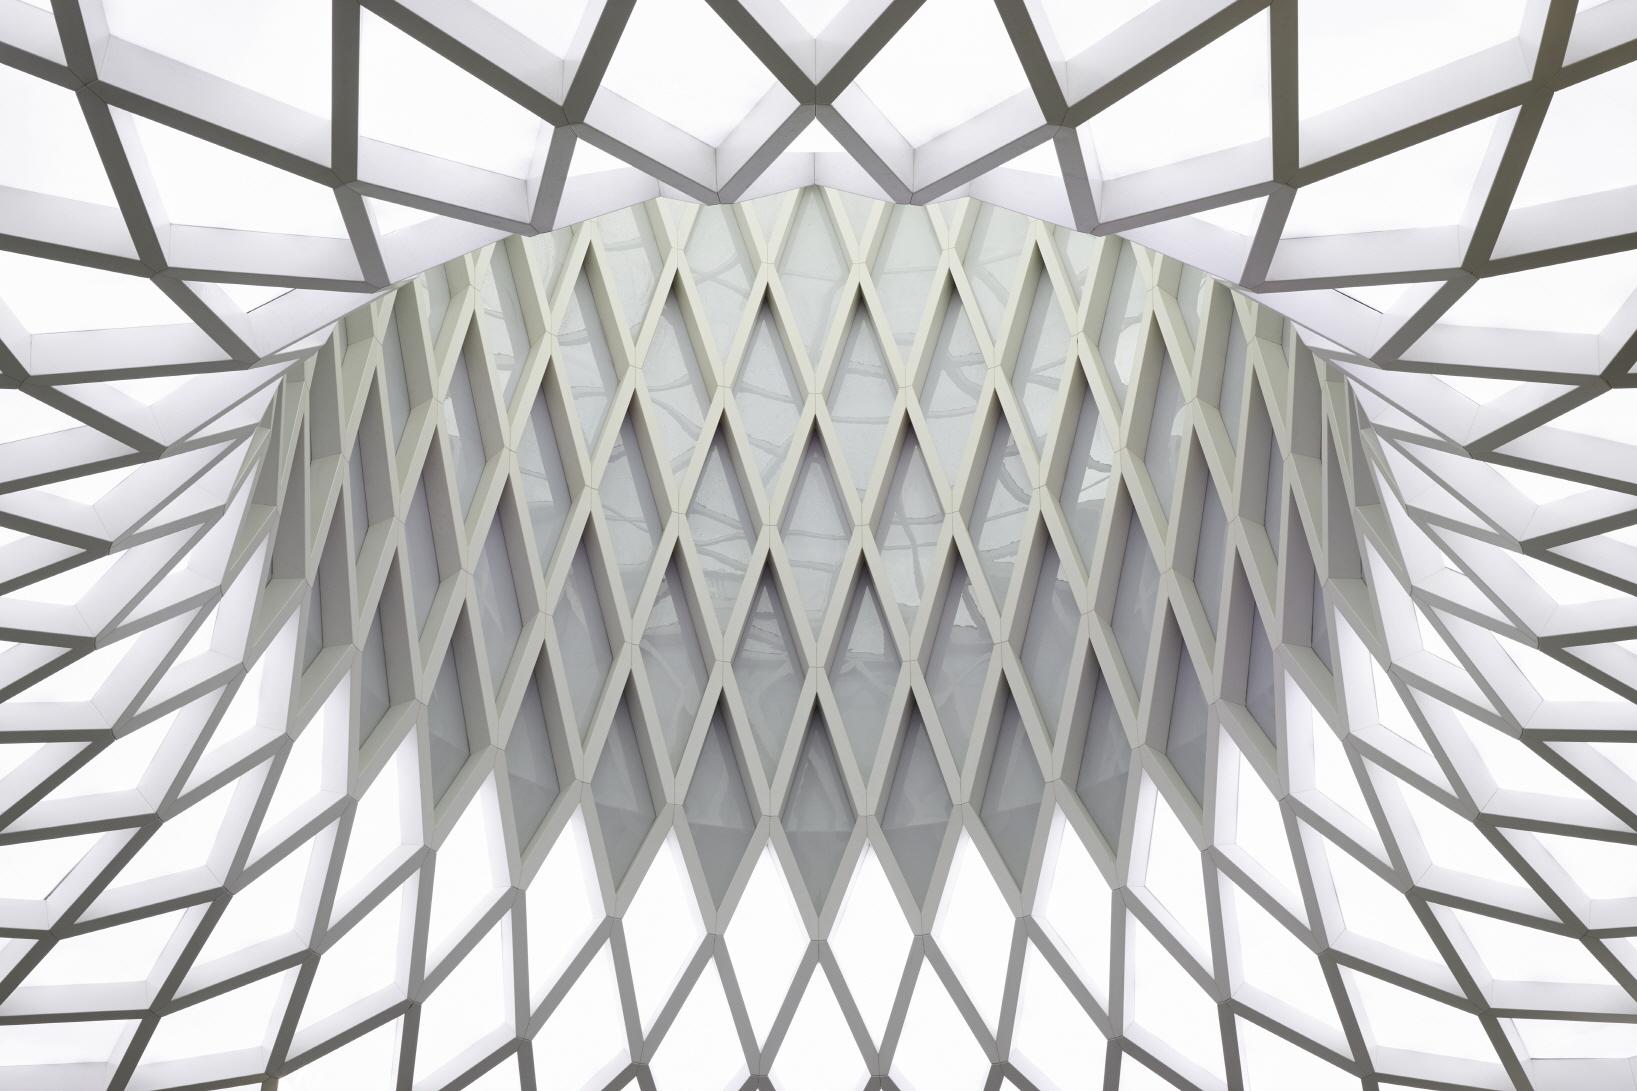 〔안정원의 건축 칼럼〕 지역의 맥락성을 고려한 입체적인 파사드와 다이어그리드 패턴 공간 1